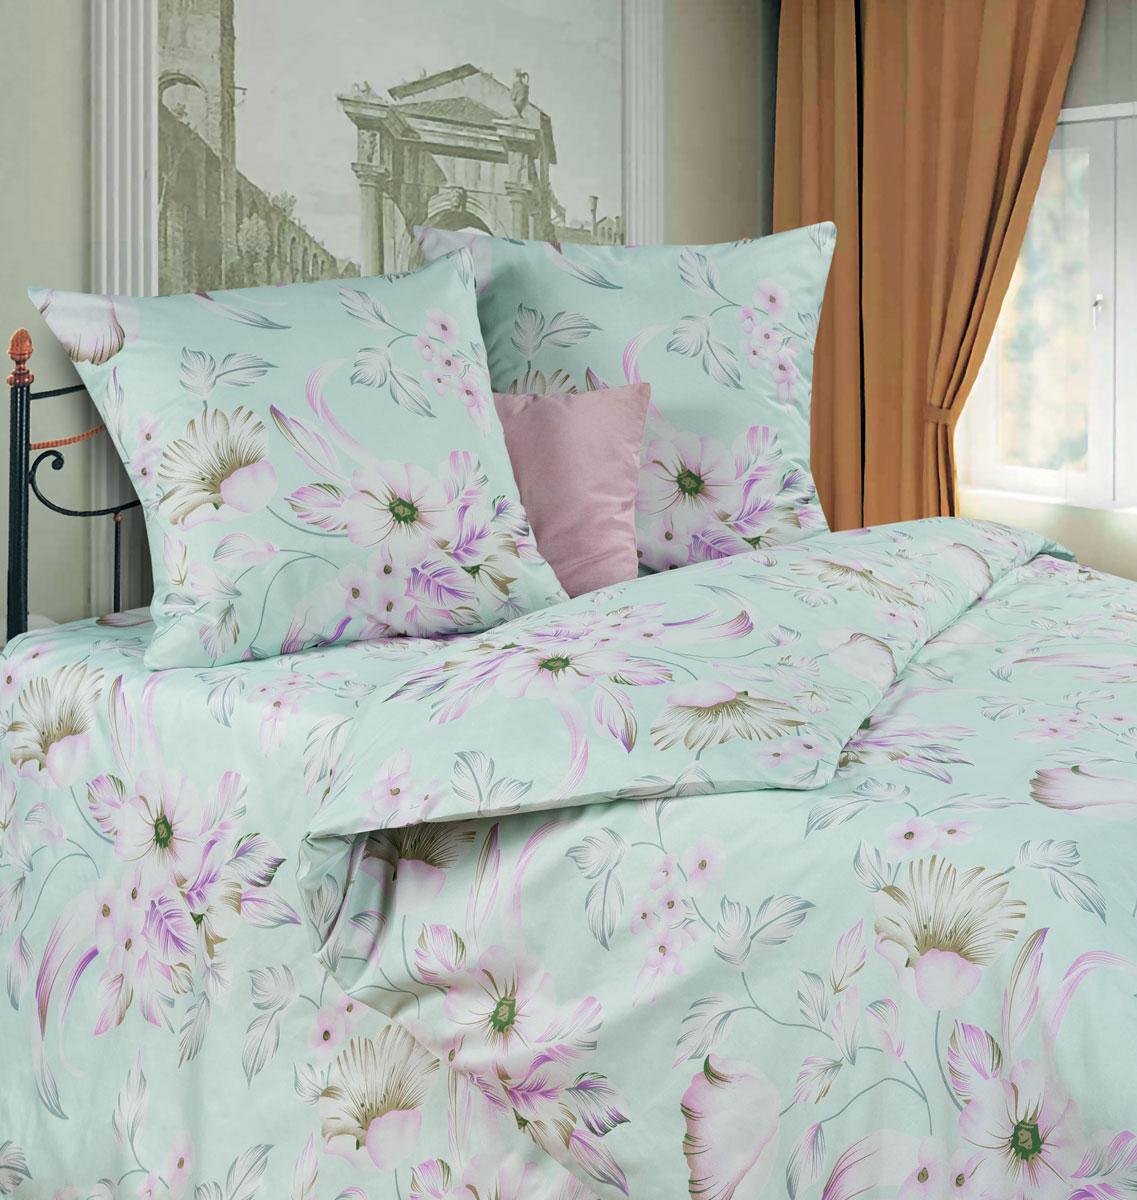 Комплект белья P&W Букет лилий, 2-спальный, наволочки 69x69, цвет: сиреневый, розовый, мятныйPWBl-173-175-69Комплект постельного белья P&W Букет лилий выполнен из микрофибры. Комплект состоит из пододеяльника, простыни и двух наволочек. Постельное белье оформлено изысканным рисунком. Ткань приятная на ощупь, мягкая и нежная, при этом она прочная и хорошо сохраняет форму, легко гладится. Ткань микрофибра - новая технология в производстве постельного белья. Тонкие волокна, используемые в ткани, производят путем переработки полиамида и полиэстера. Такая нить не впитывает влагу, как хлопок, а пропускает ее через себя, и влага быстро испаряется. Изделие не деформируется и хорошо держит форму. Благодаря такому комплекту постельного белья, вы сможете создать атмосферу роскоши и романтики в вашей спальне.